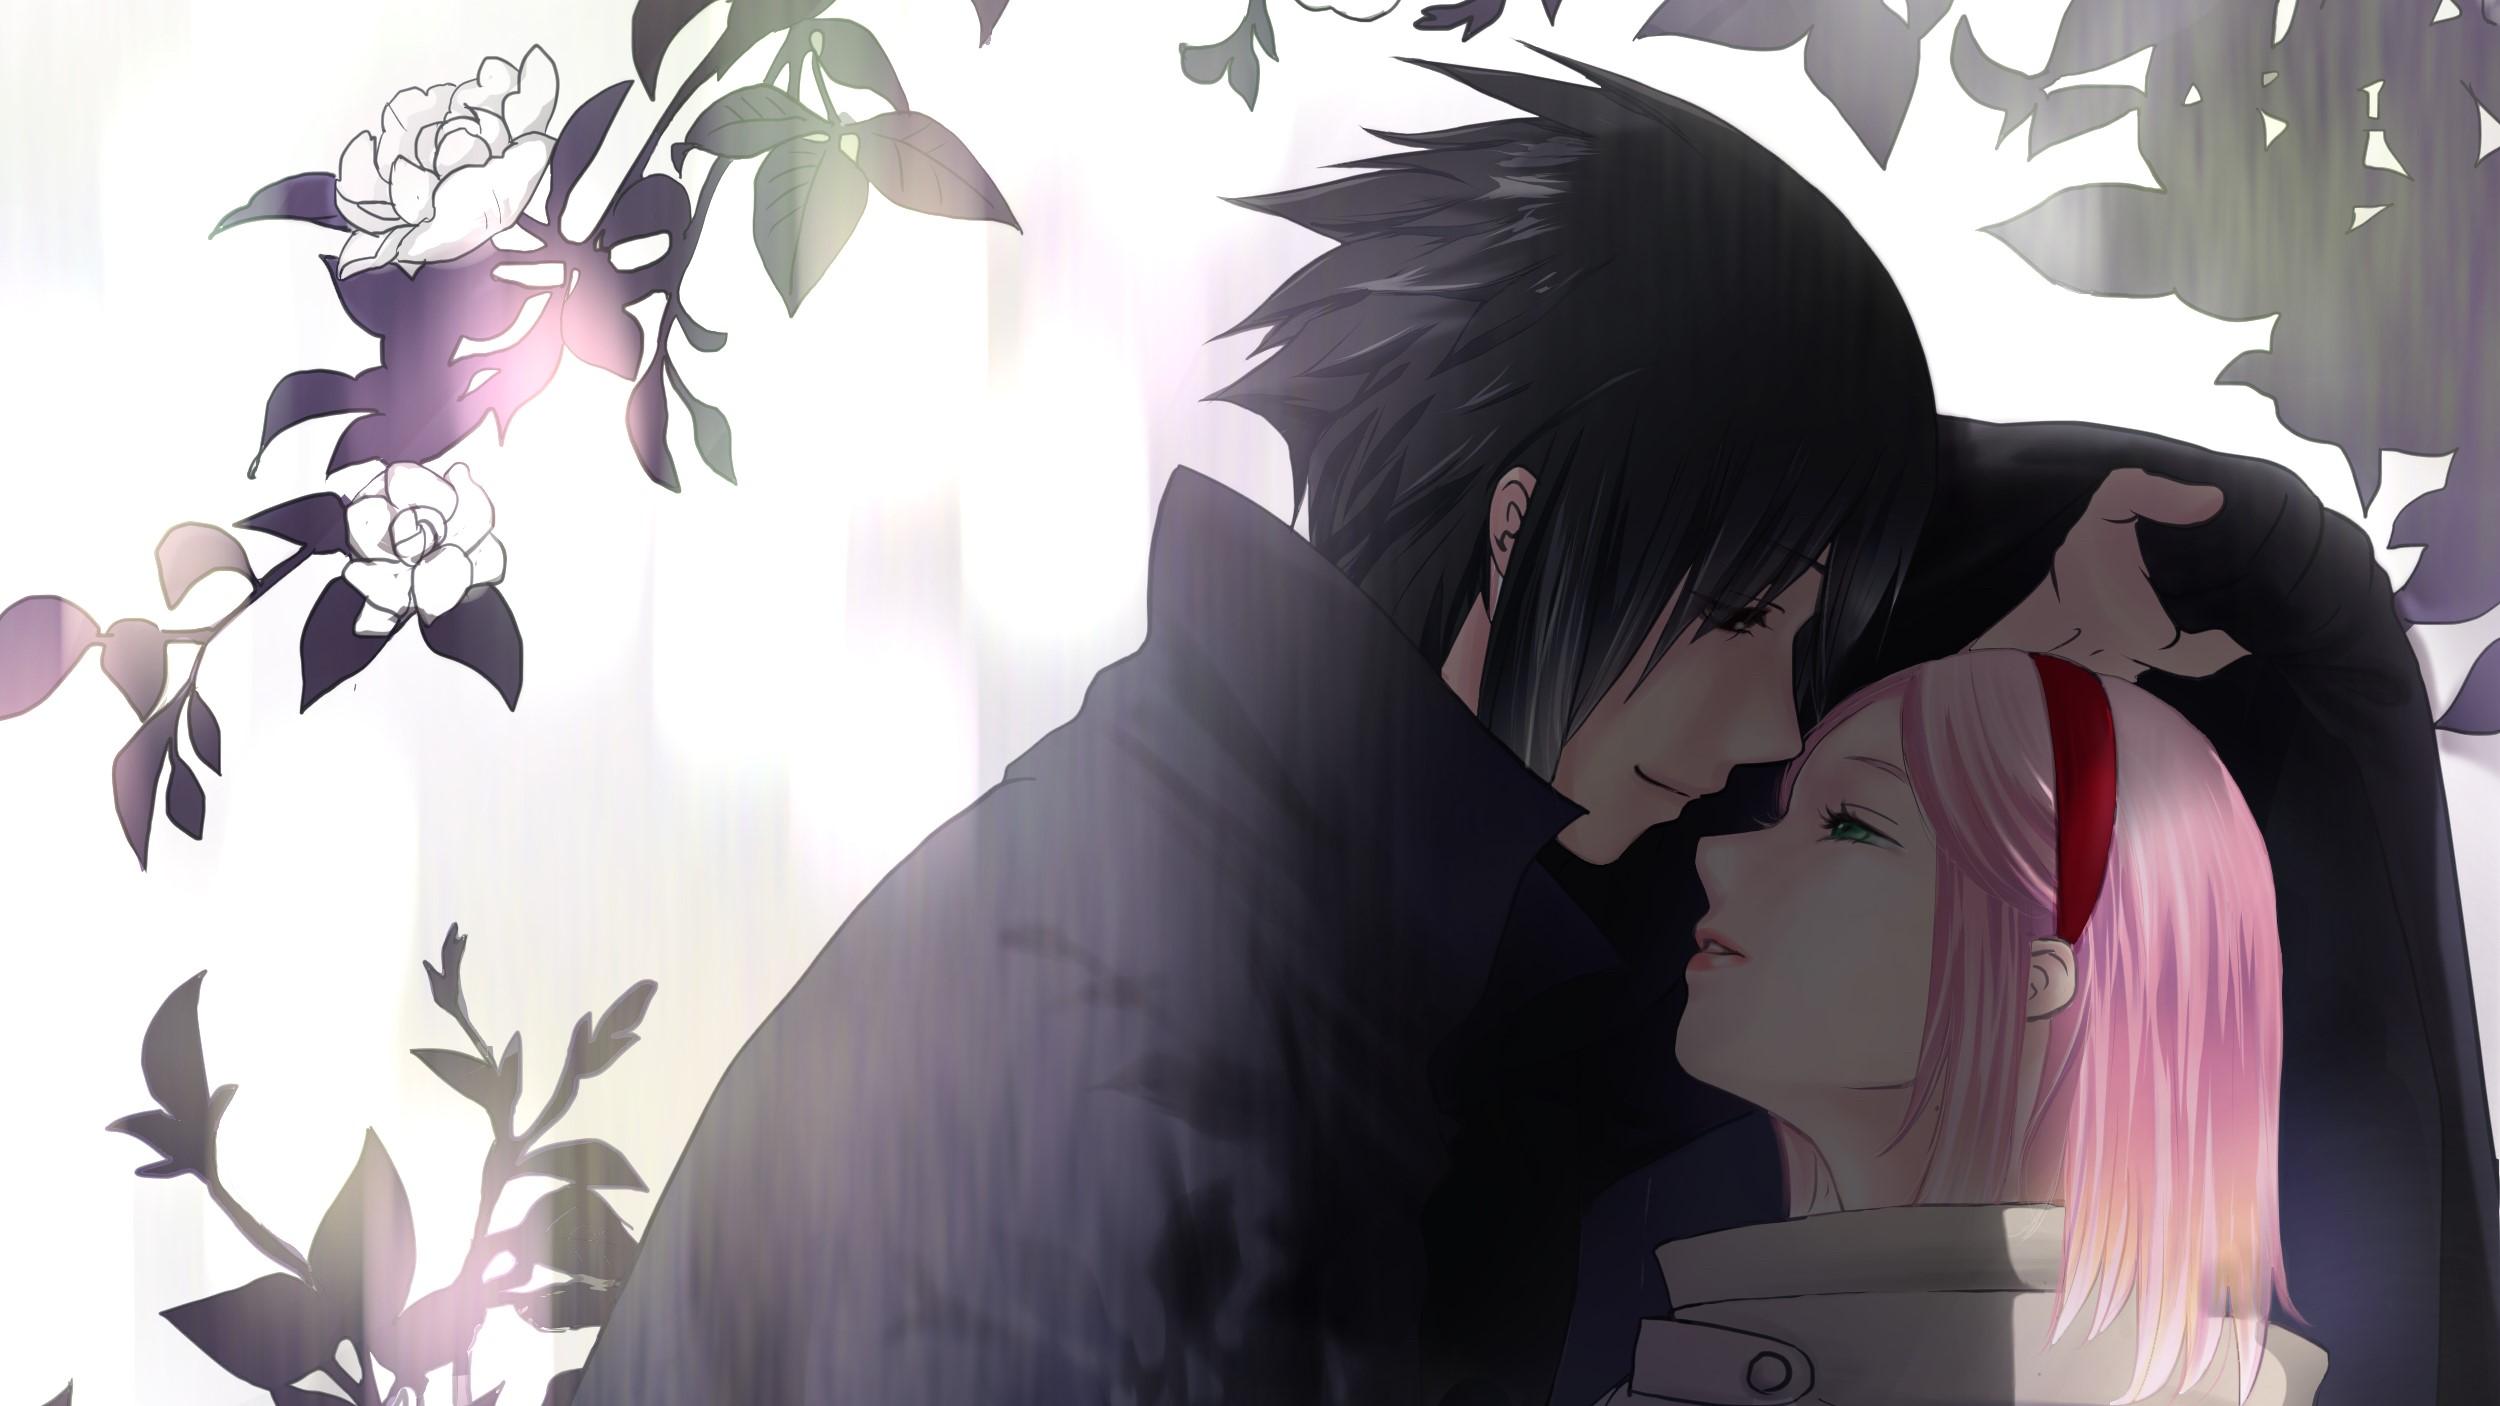 Wallpaper of Anime Naruto Sakura Haruno Sasuke Uchiha